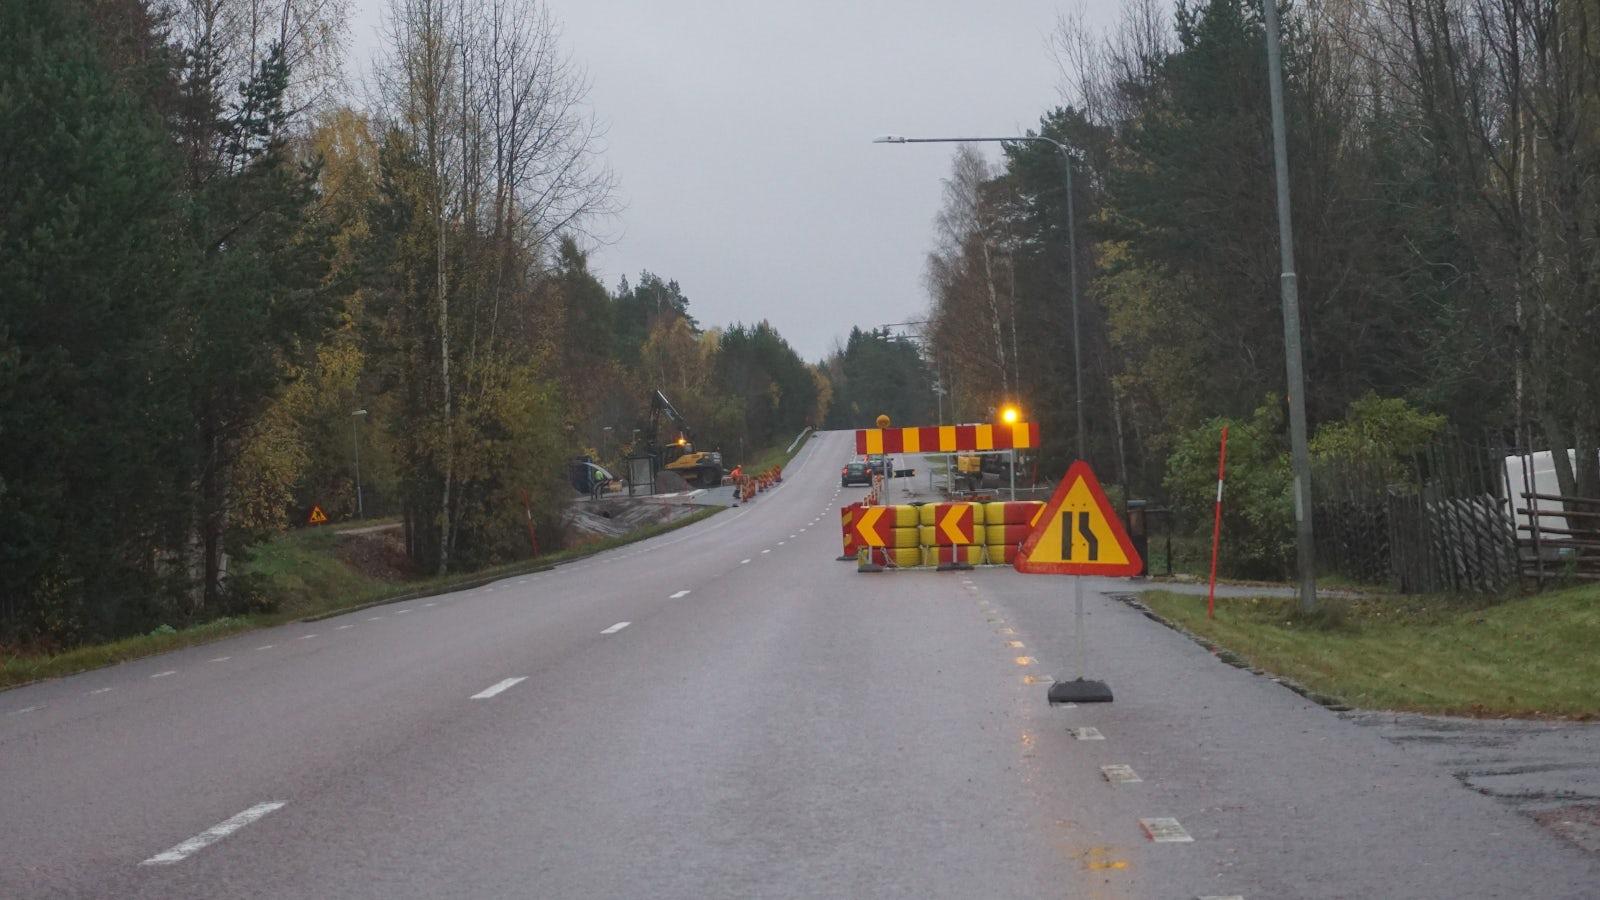 Vägarbete på höger sida av vägen.